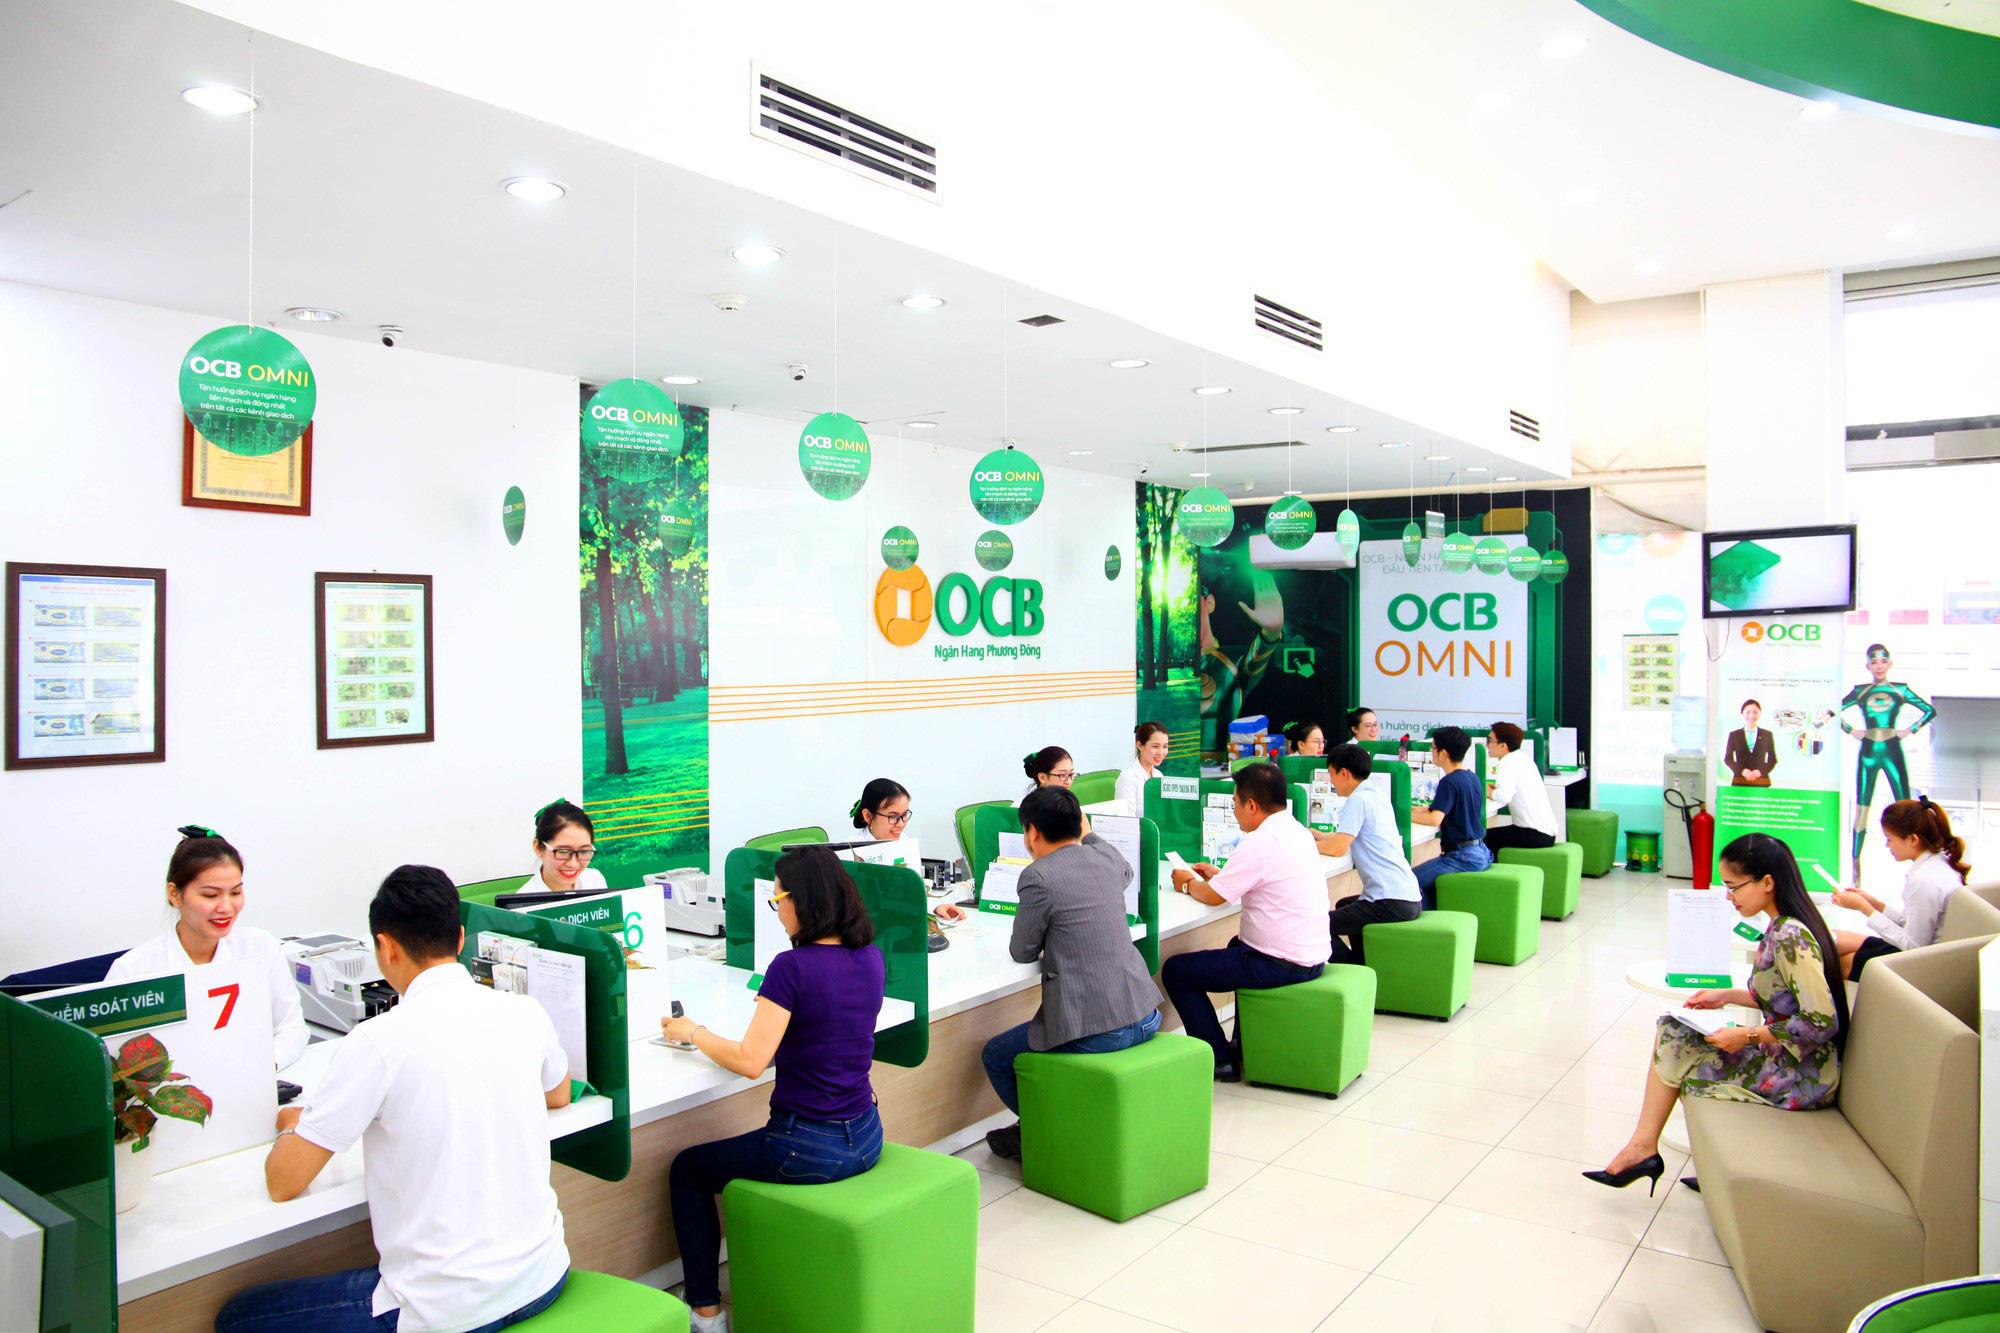 OCB lên tiếng về vụ việc gần 6 tỉ đồng tiền gửi của khách hàng 'bốc hơi'